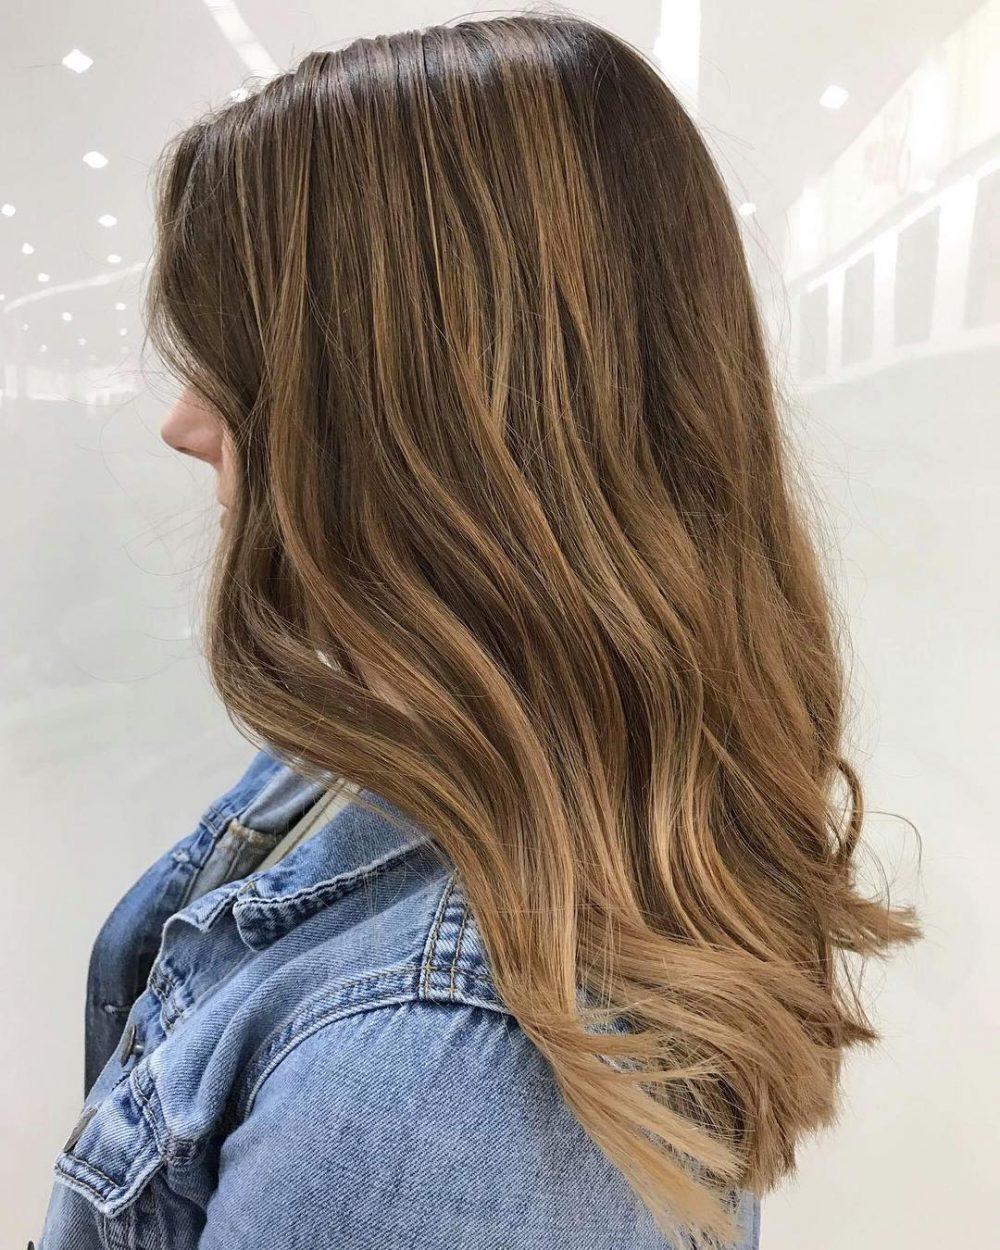 Honey-Toned Balayage hairstyle